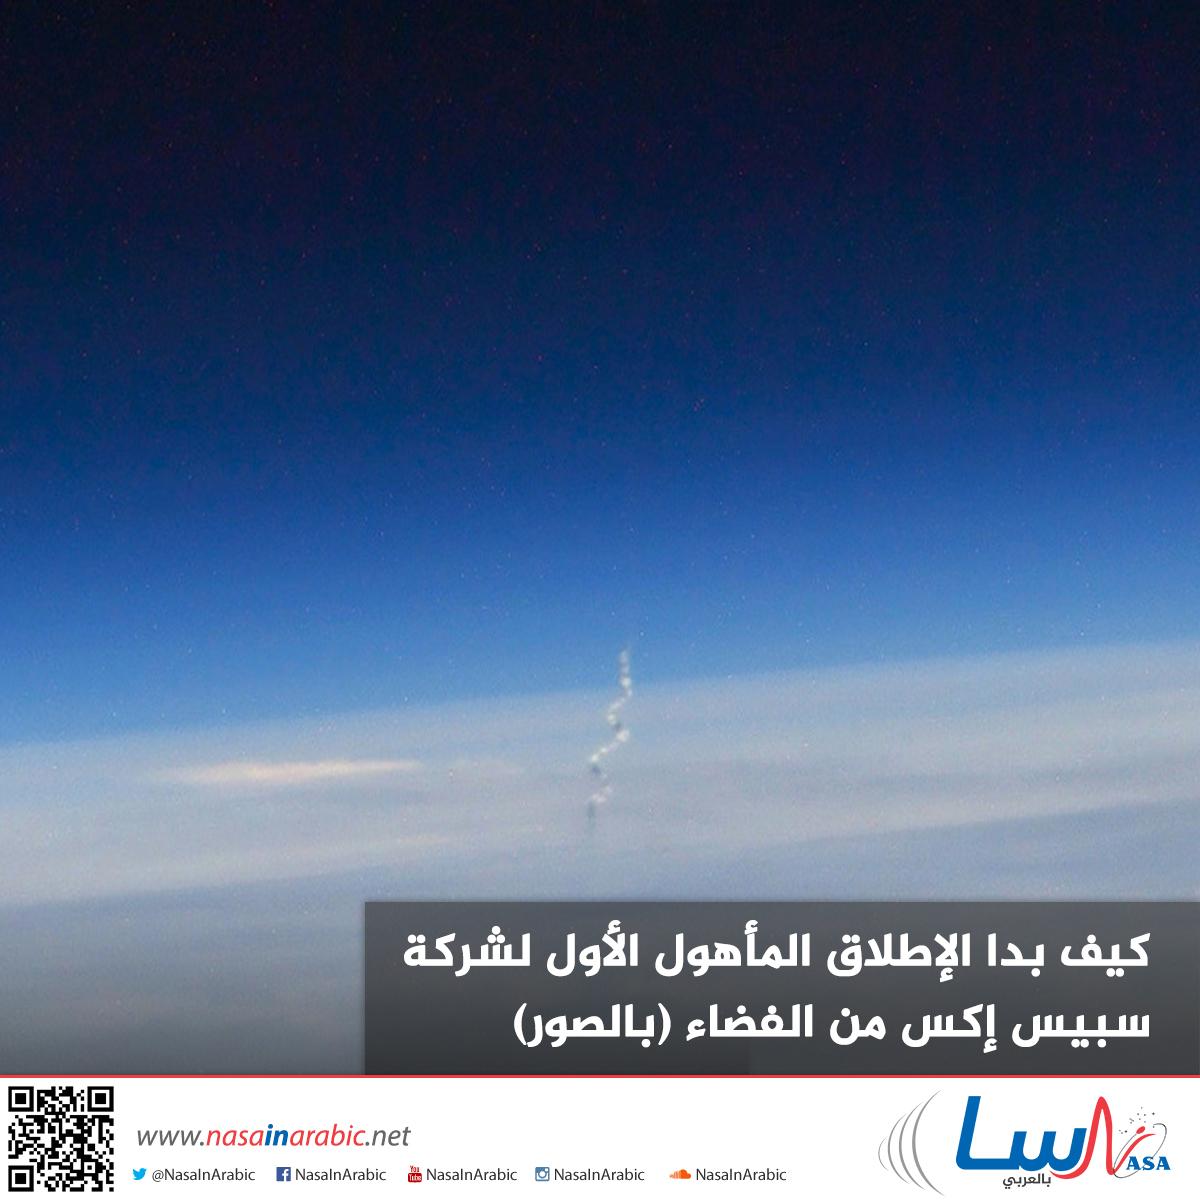 كيف بدا الإطلاق المأهول الأول لشركة سبيس إكس من الفضاء (بالصور)